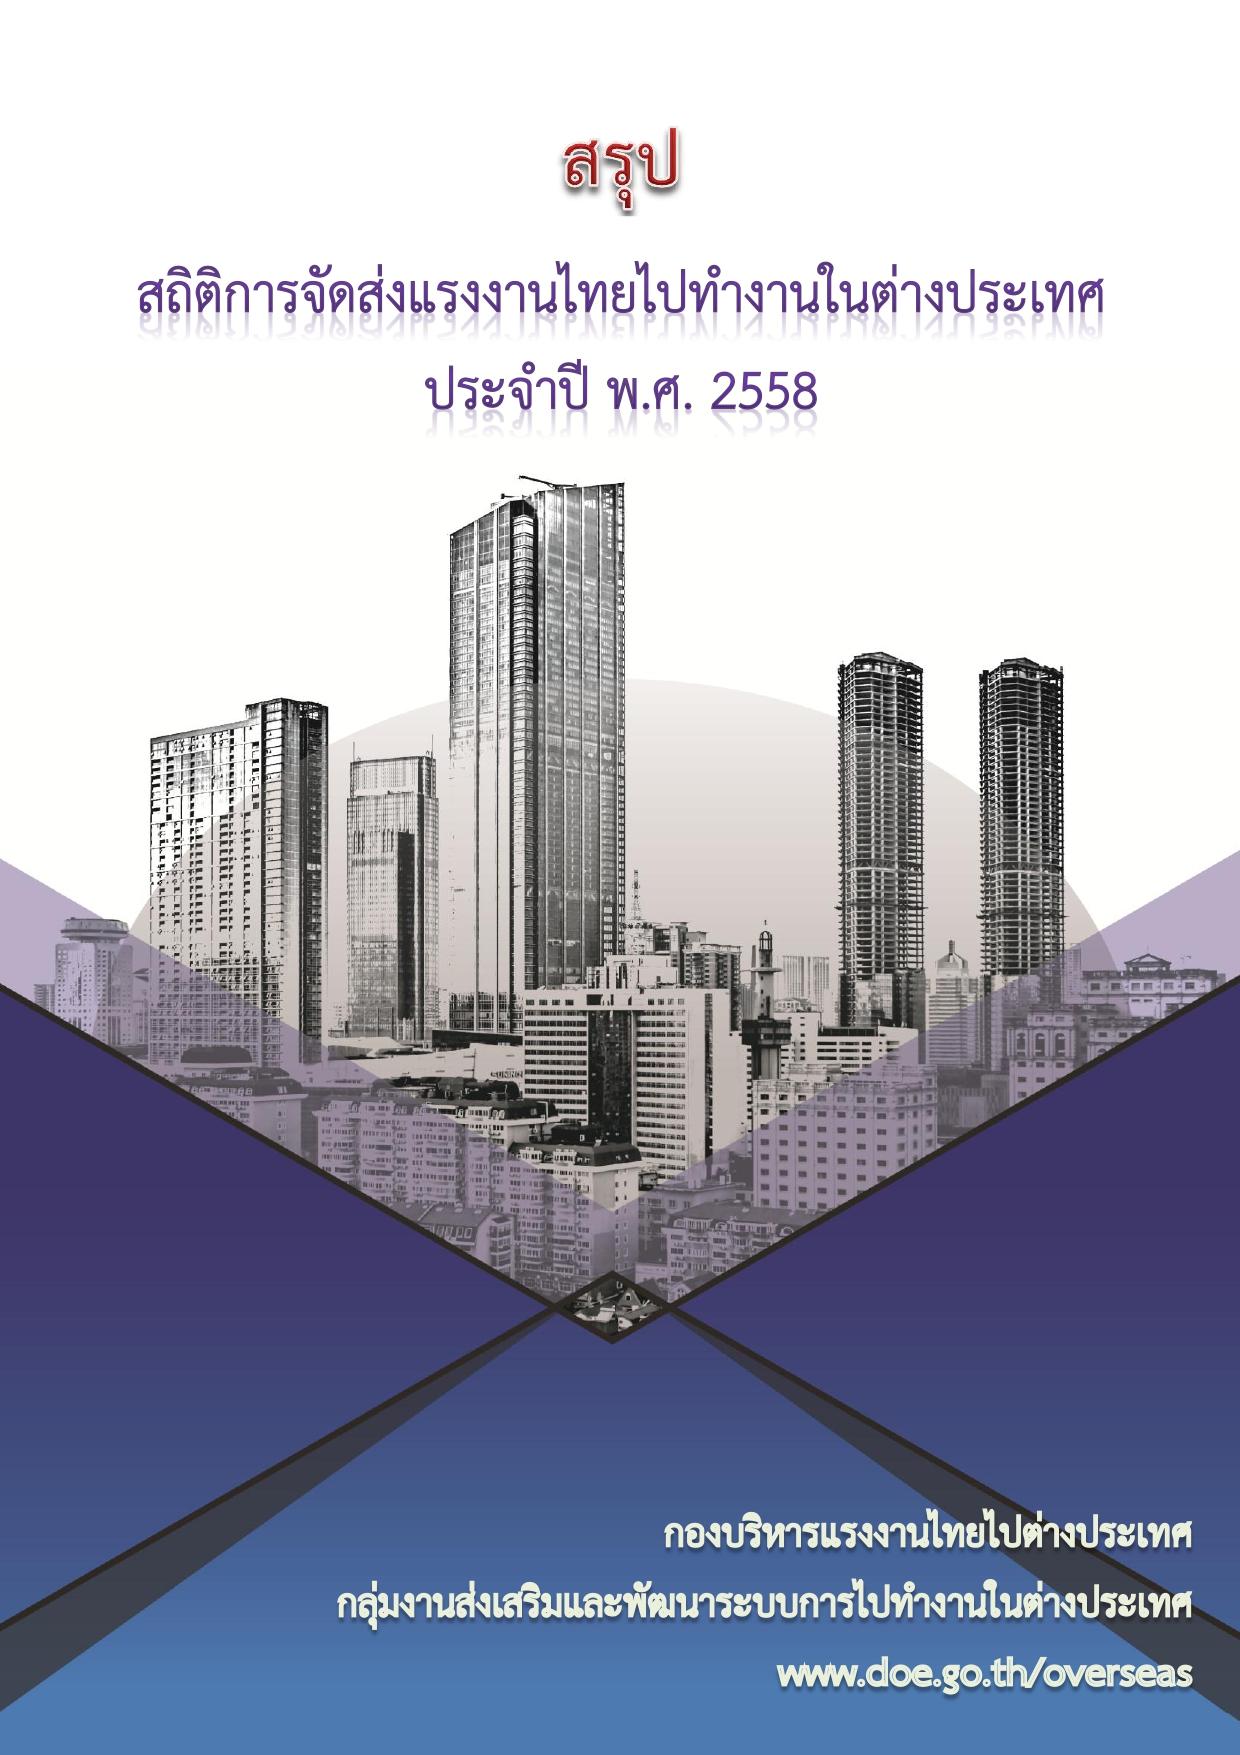 สรุป สถานการณ์การไปทำงานต่างประเทศของแรงงานไทย ประจำปี 2558